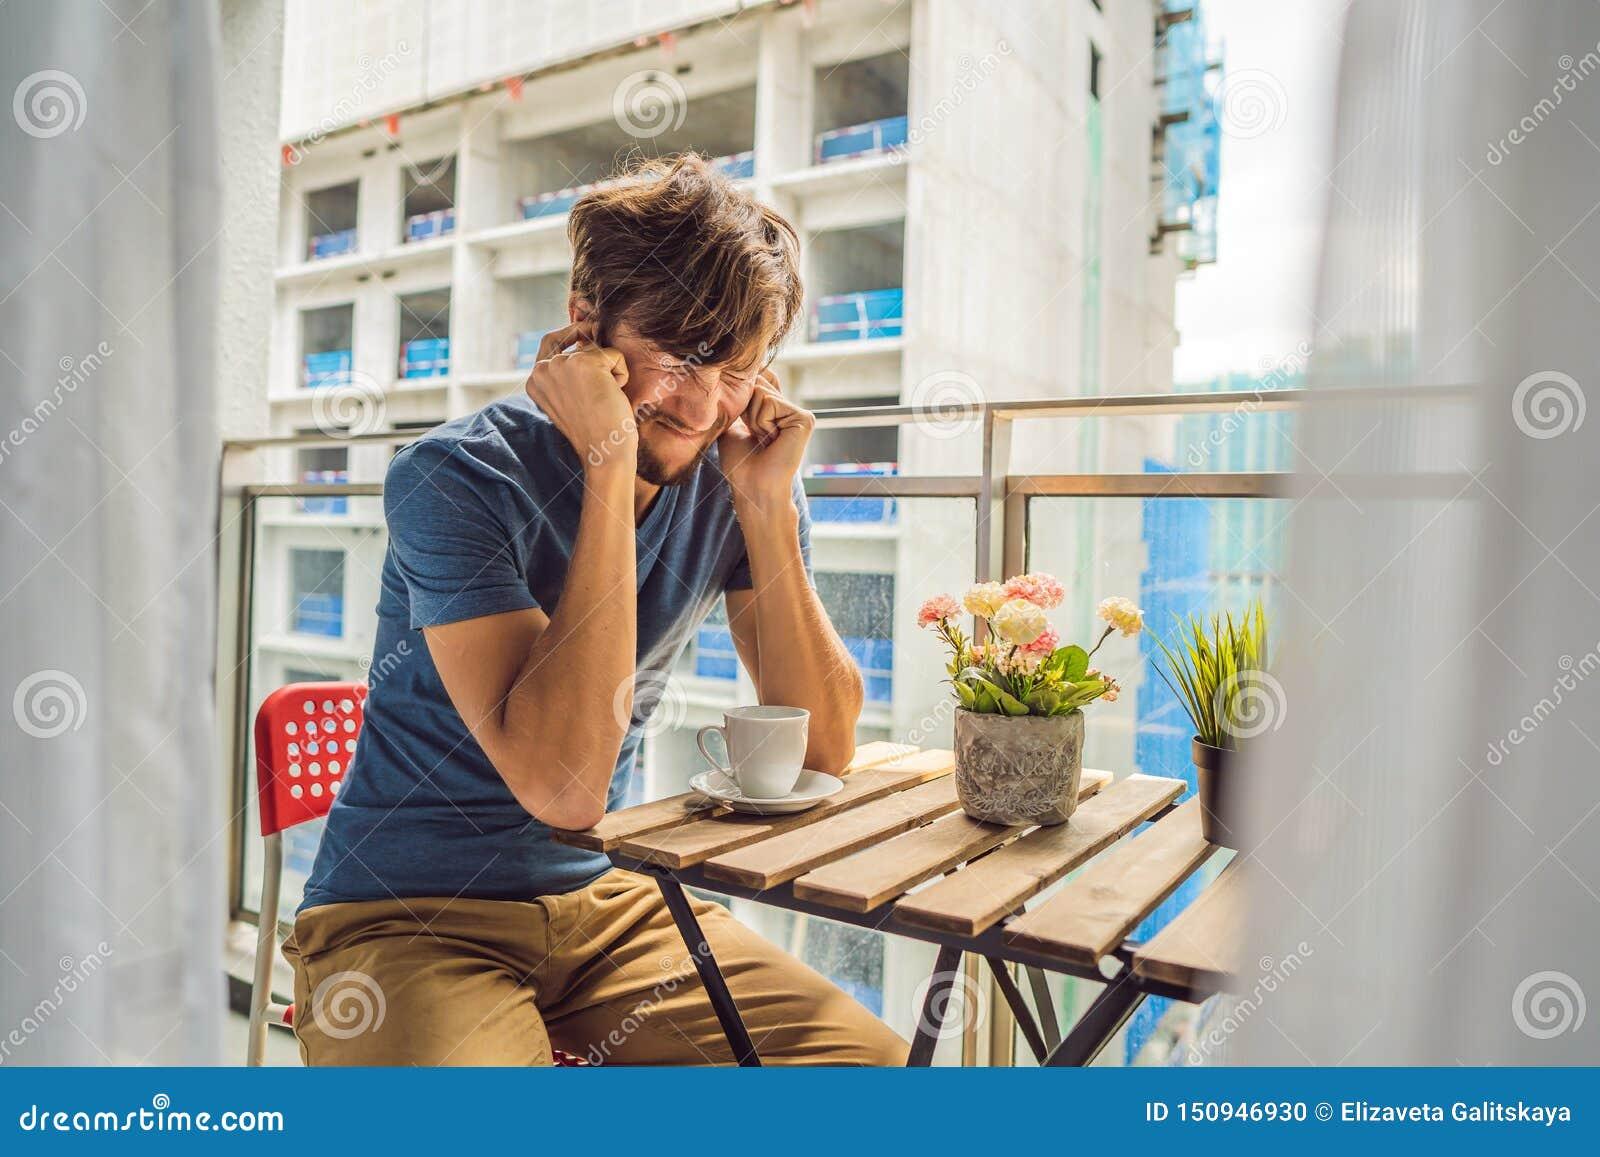 大厦工作懊恼的阳台的年轻人外面 噪声概念 从大厦尘土的空气污染